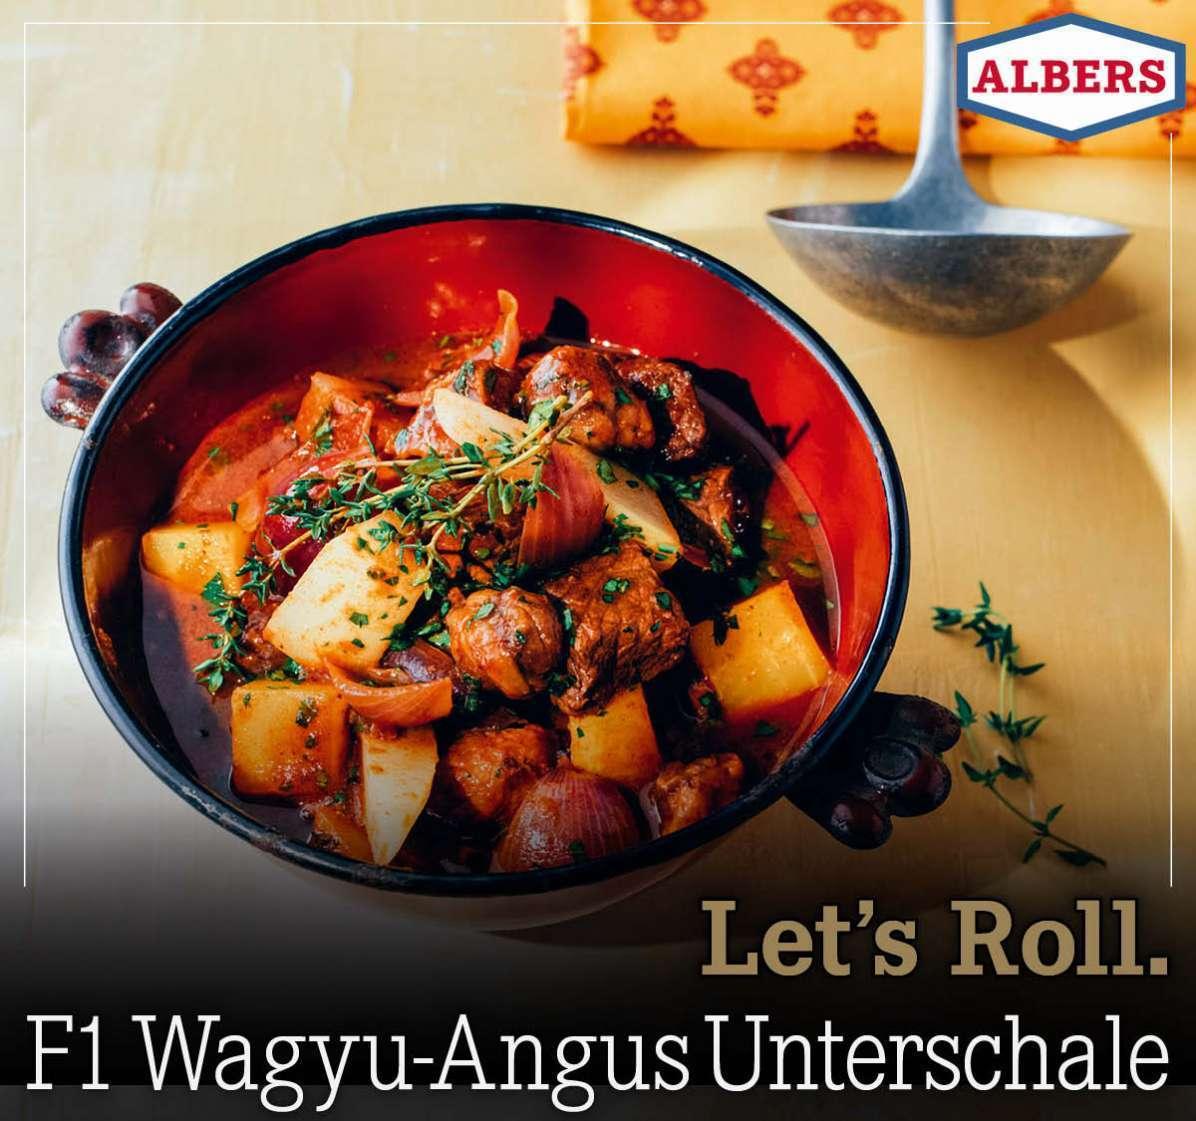 Let's Roll. F1 Wagyu-Angus Unterschale